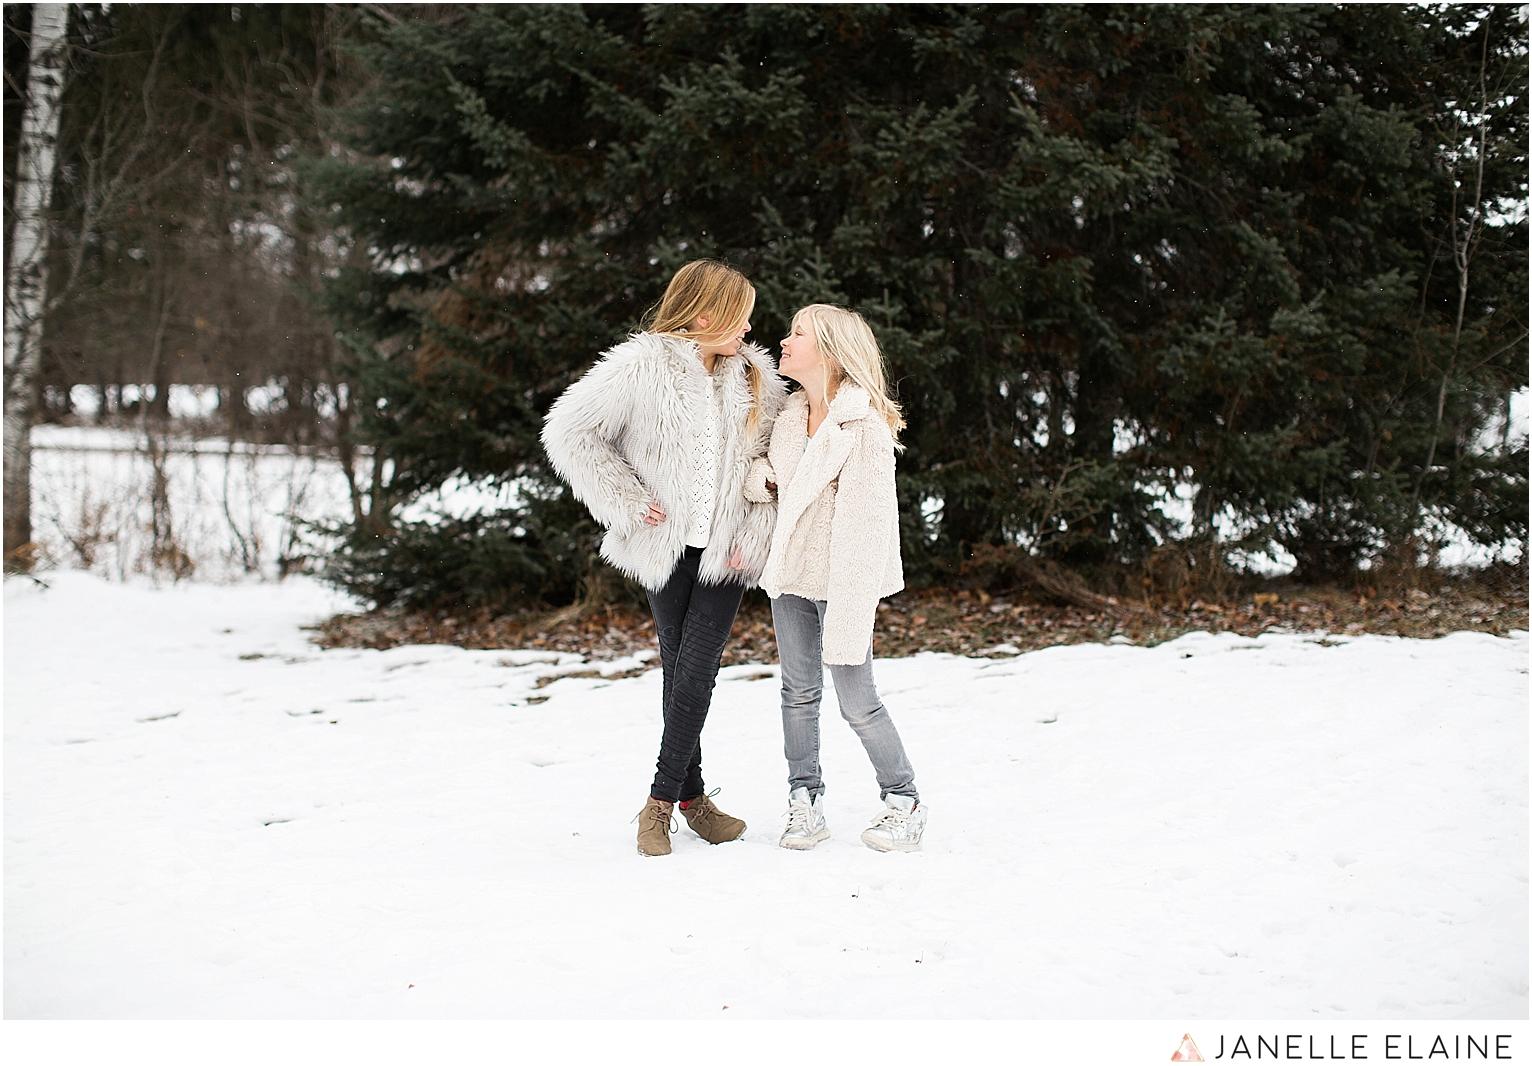 seattle-washington lifestyle photographer-janelle elaine-callie and char-22.jpg